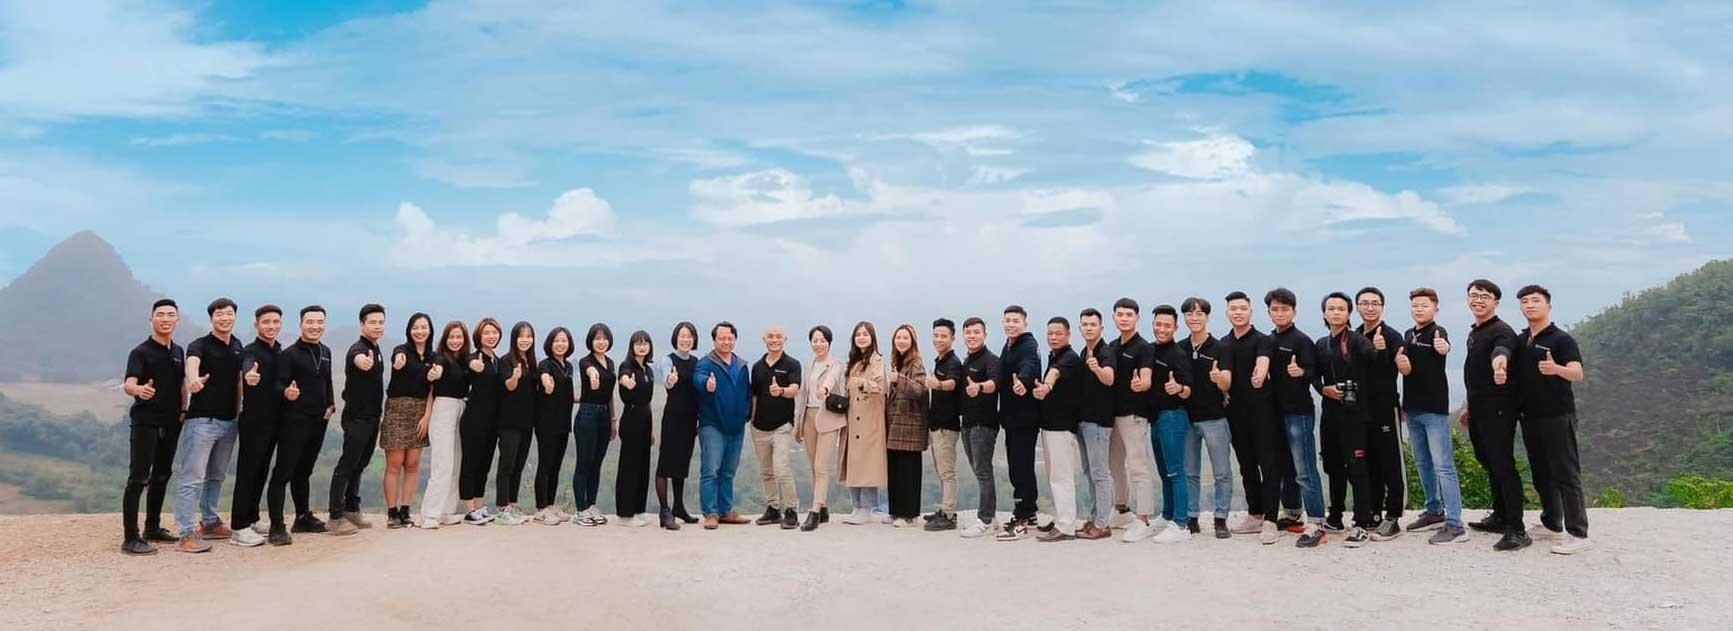 Top 10 công ty tổ chức sự kiện chuyên nghiệp nhất tại Đà Nẵng 5